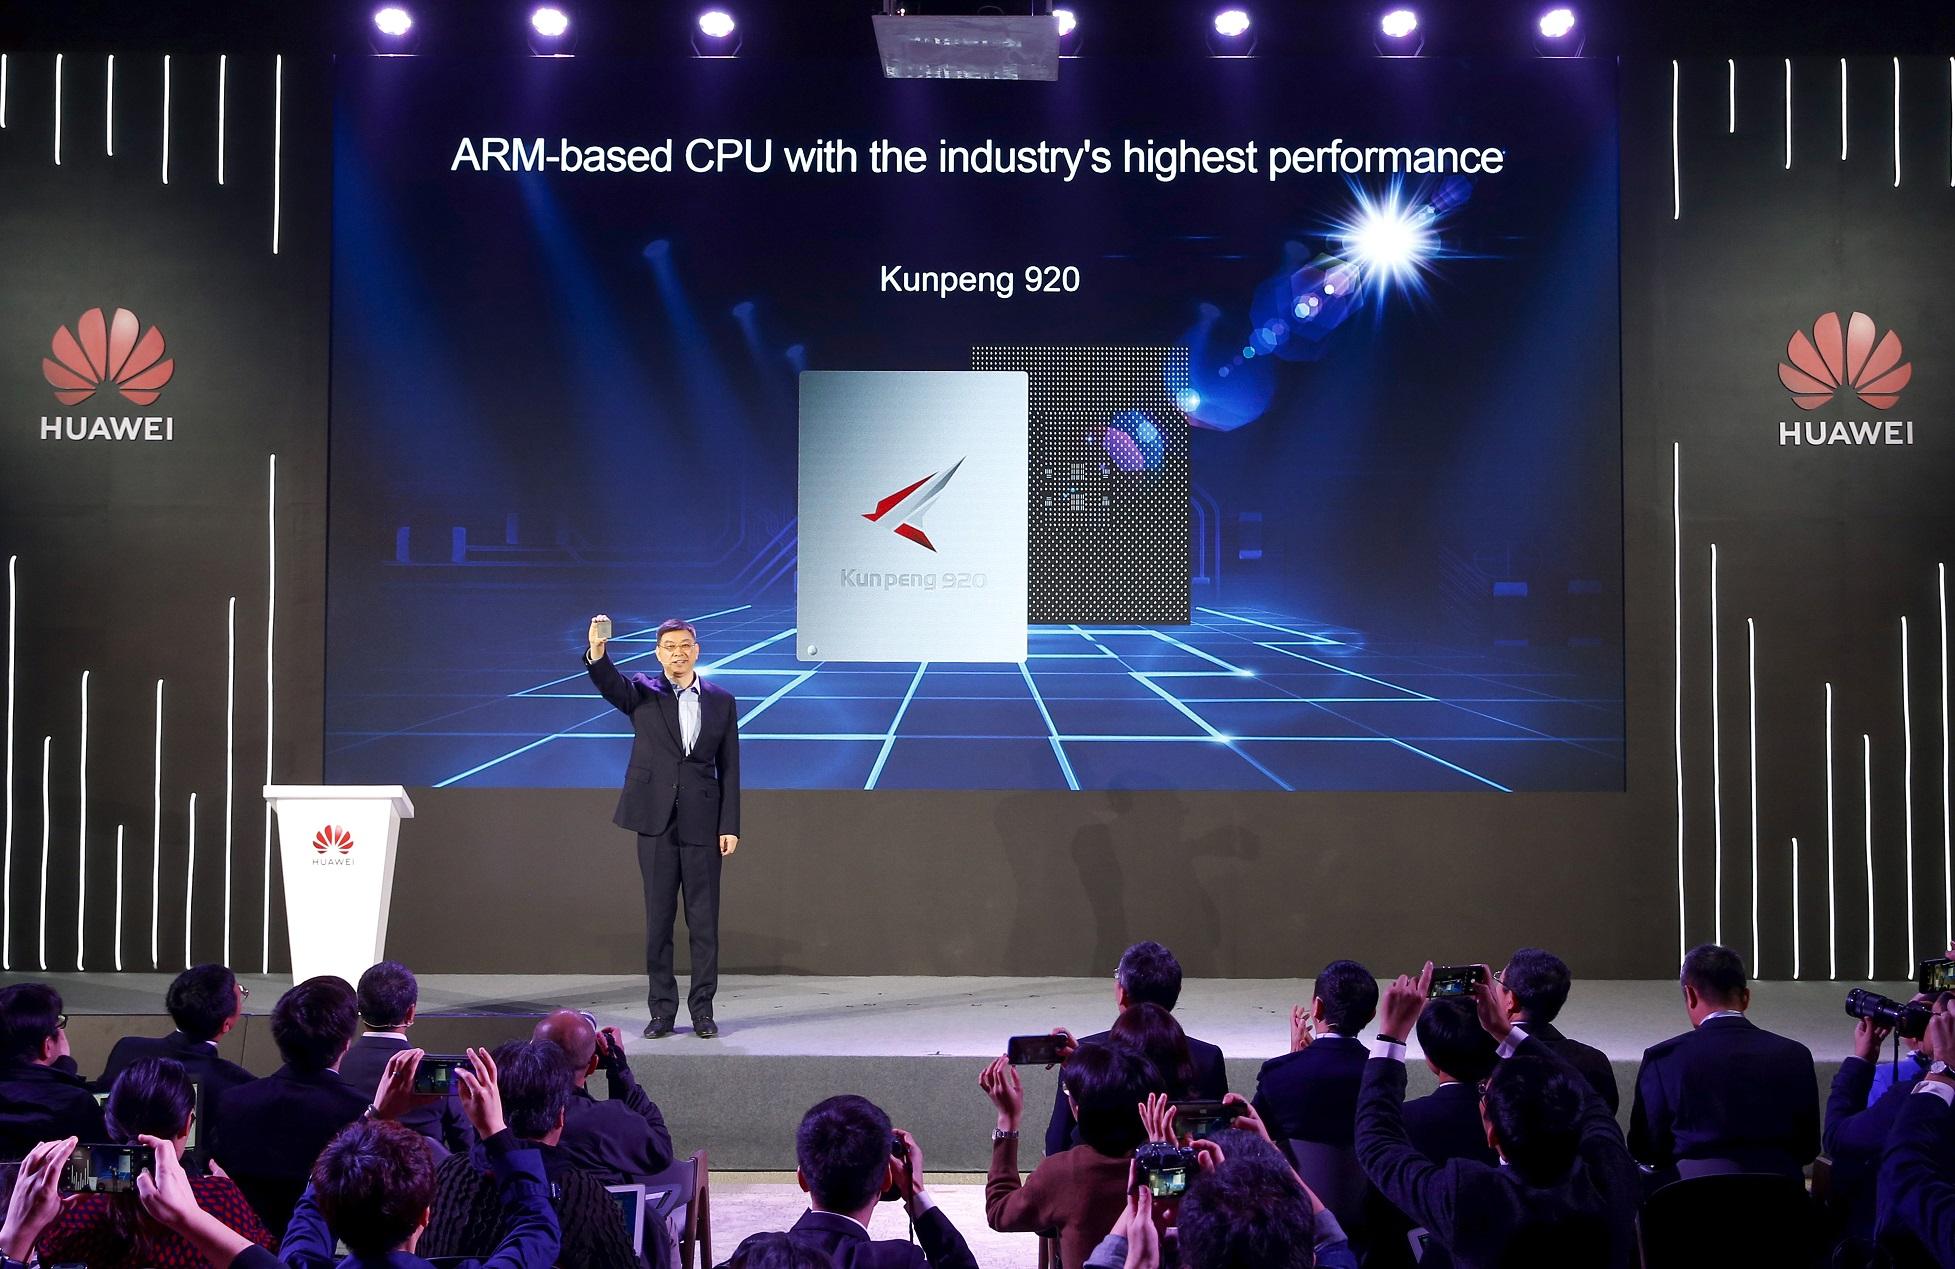 หัวเว่ยเปิดตัว CPU ARM ประสิทธิภาพสูงสุดในอุตสาหกรรม ยกระดับพลังการประมวลผลระดับโลก 13 -